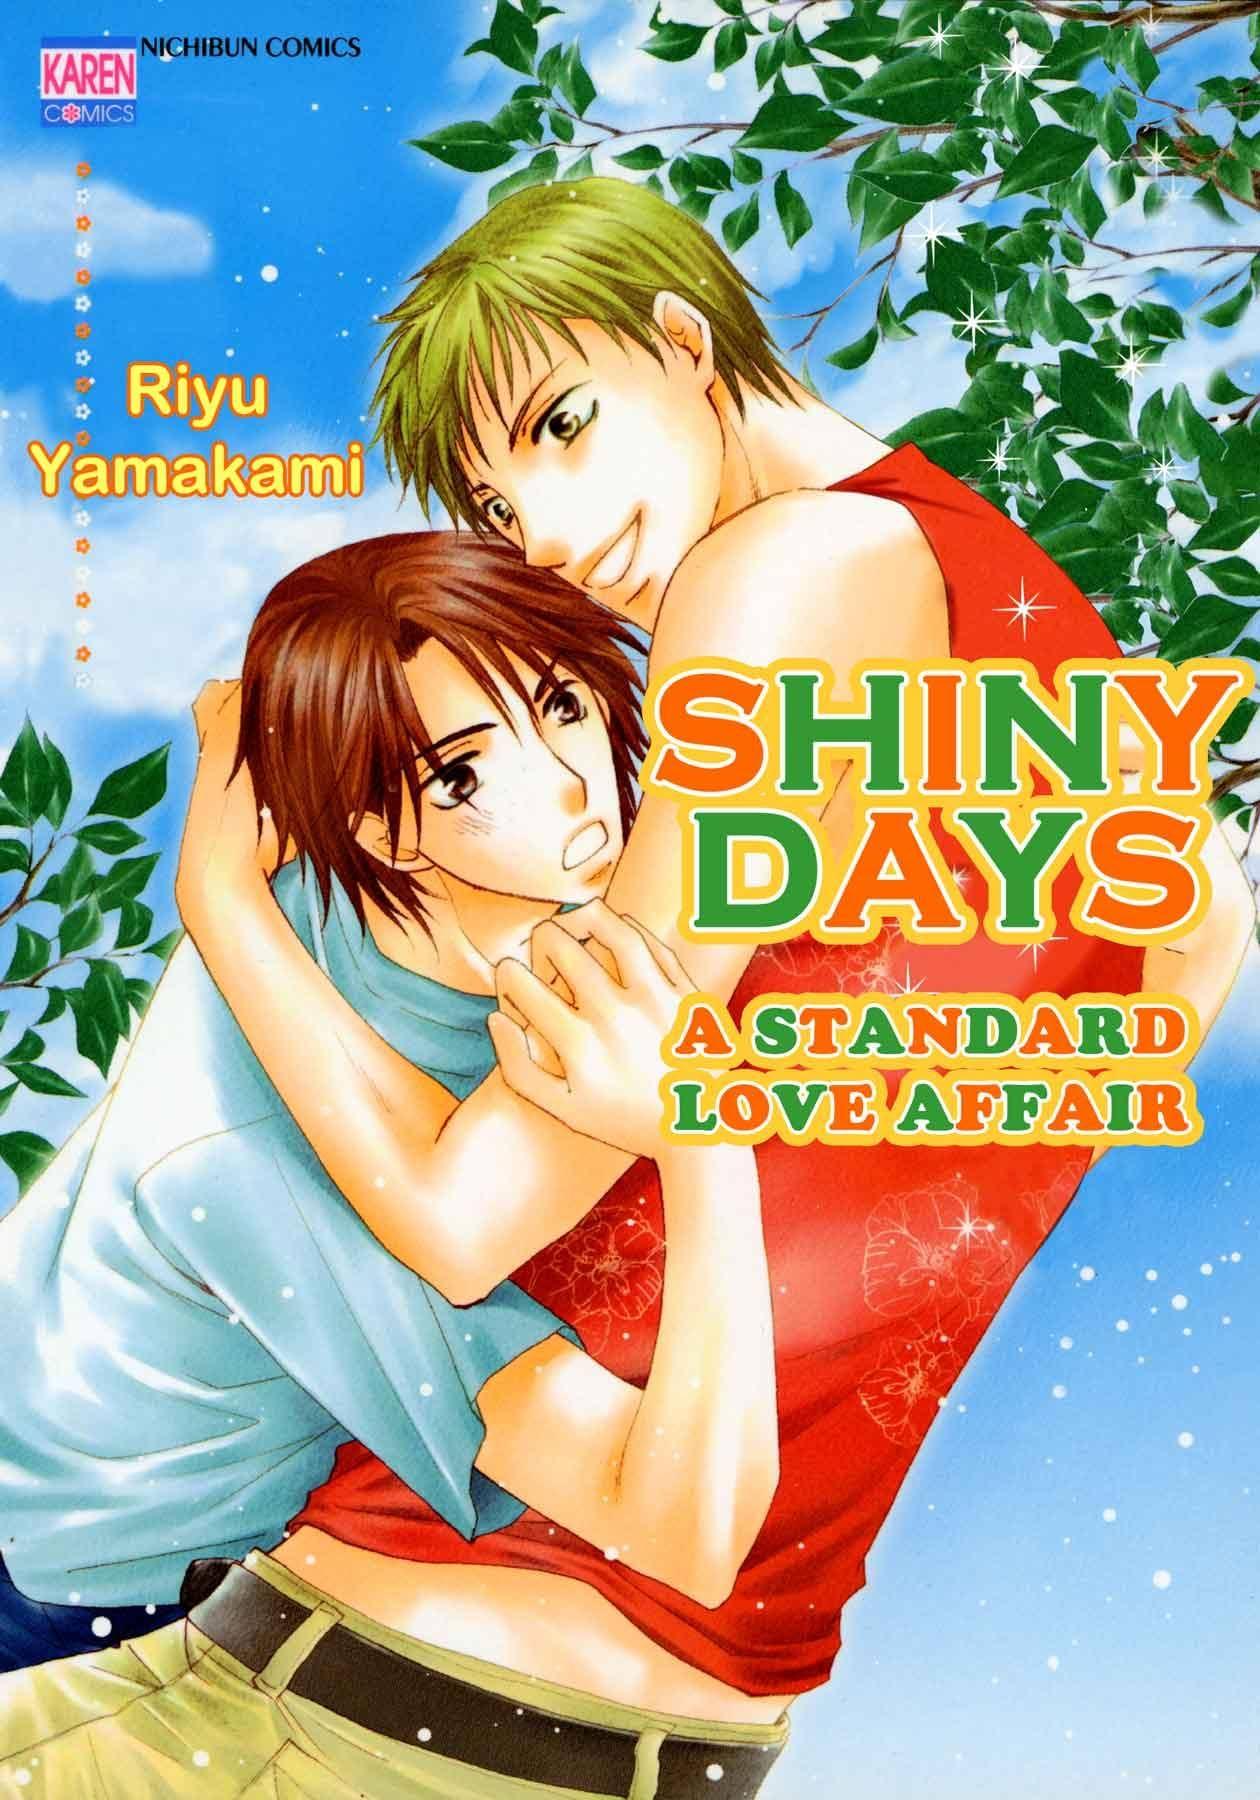 SHINYDAYS #8